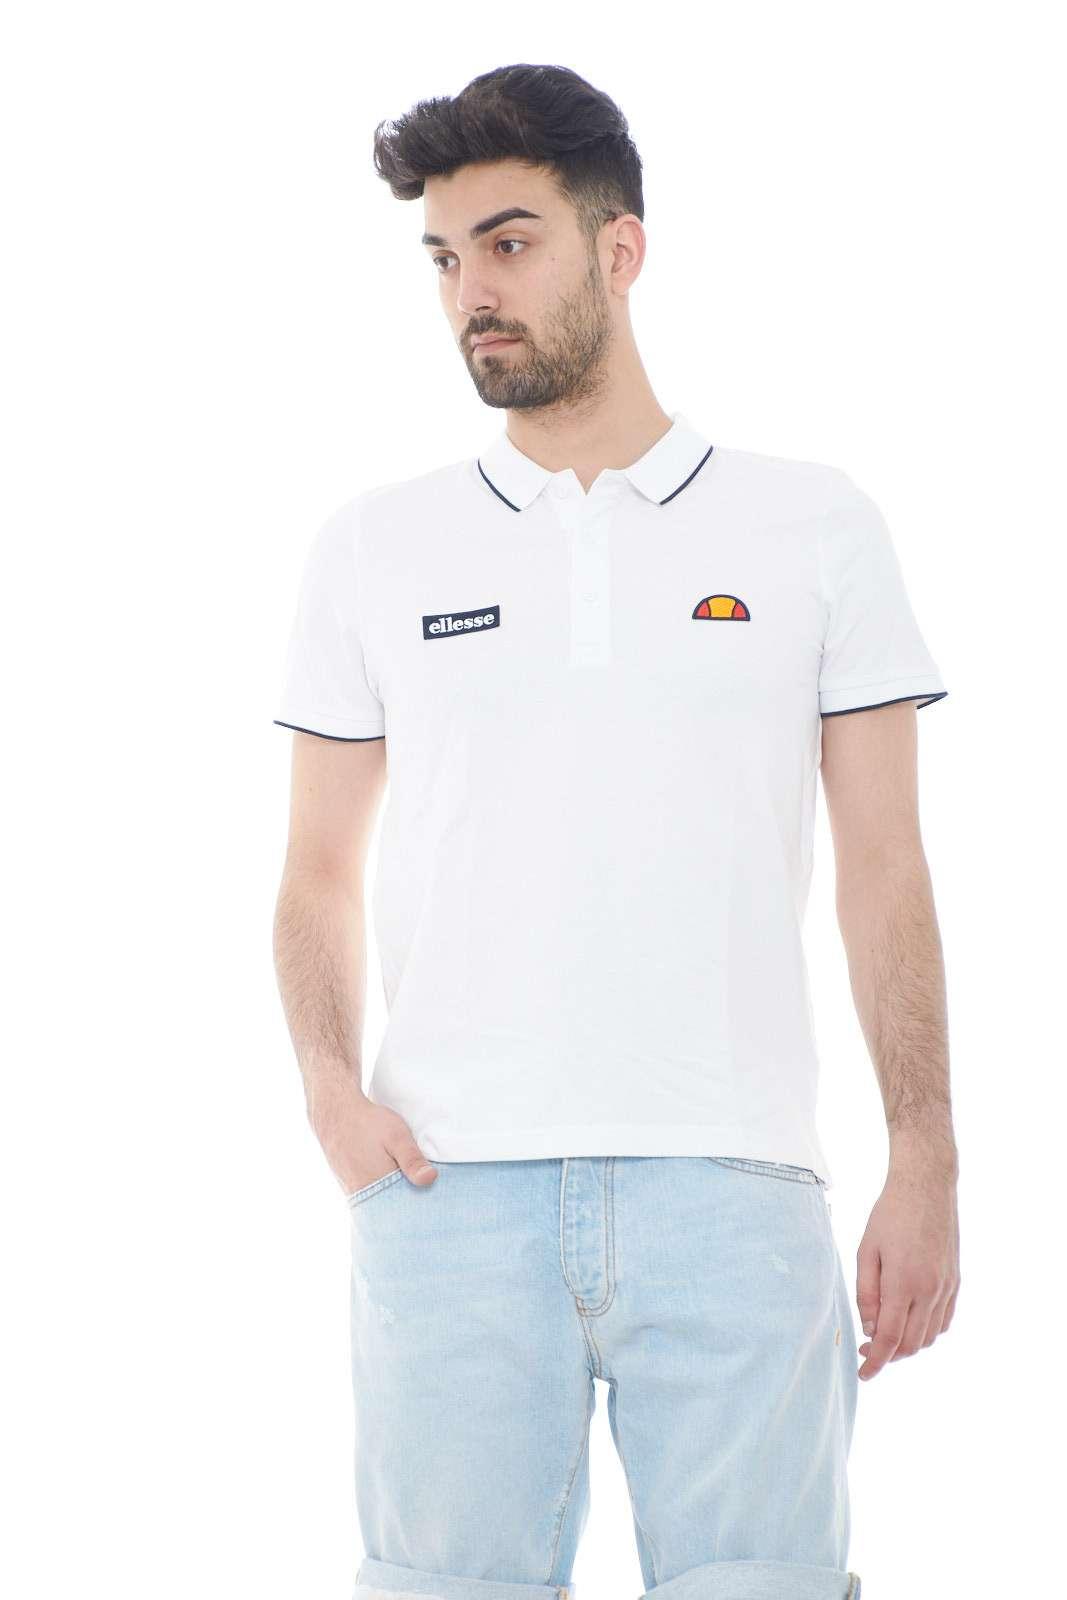 La polo per l'uomo che ama capi minimal, ma allo stesso tempo di tendenza. Ellesse, propone un capo casual, fresco e comodo, perfetto per i tuoi outfit estivi di tutti i giorni.